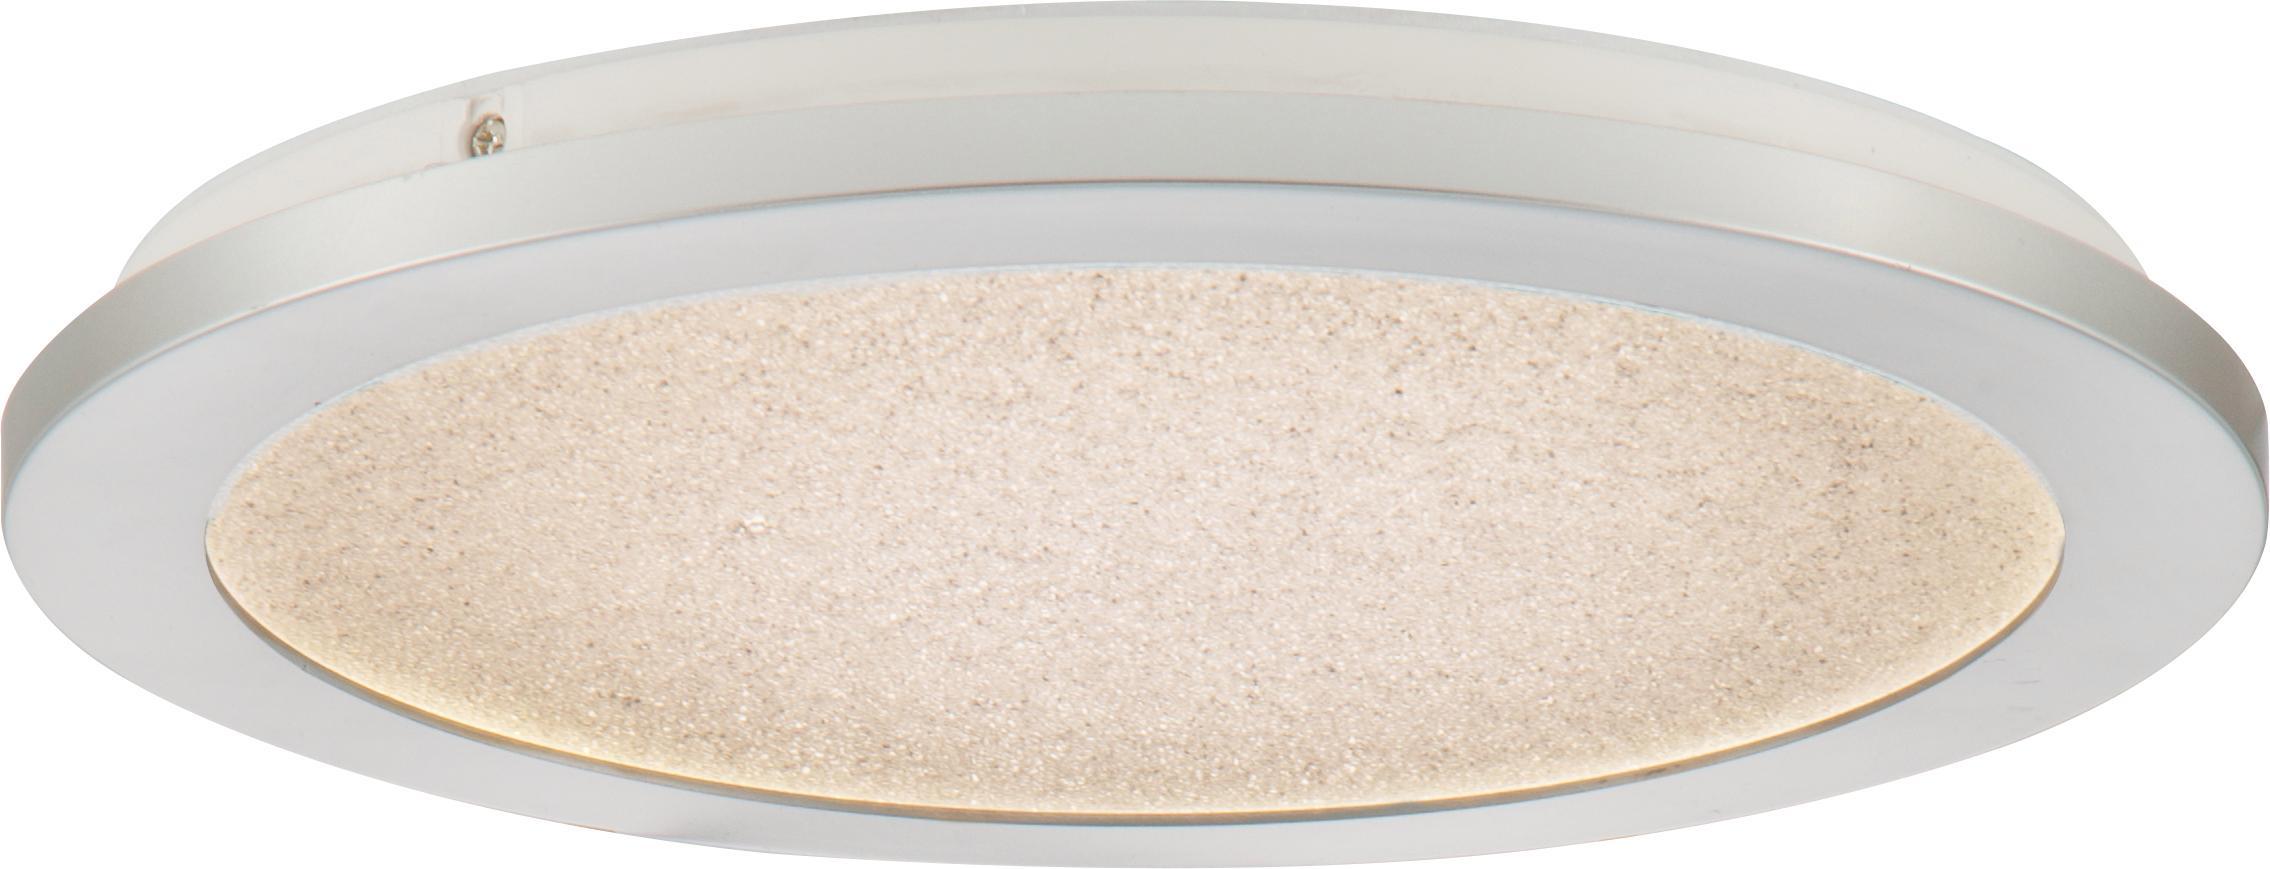 Nino Leuchten LED Deckenleuchte IKOMA, LED-Board, Warmweiß, LED Deckenlampe